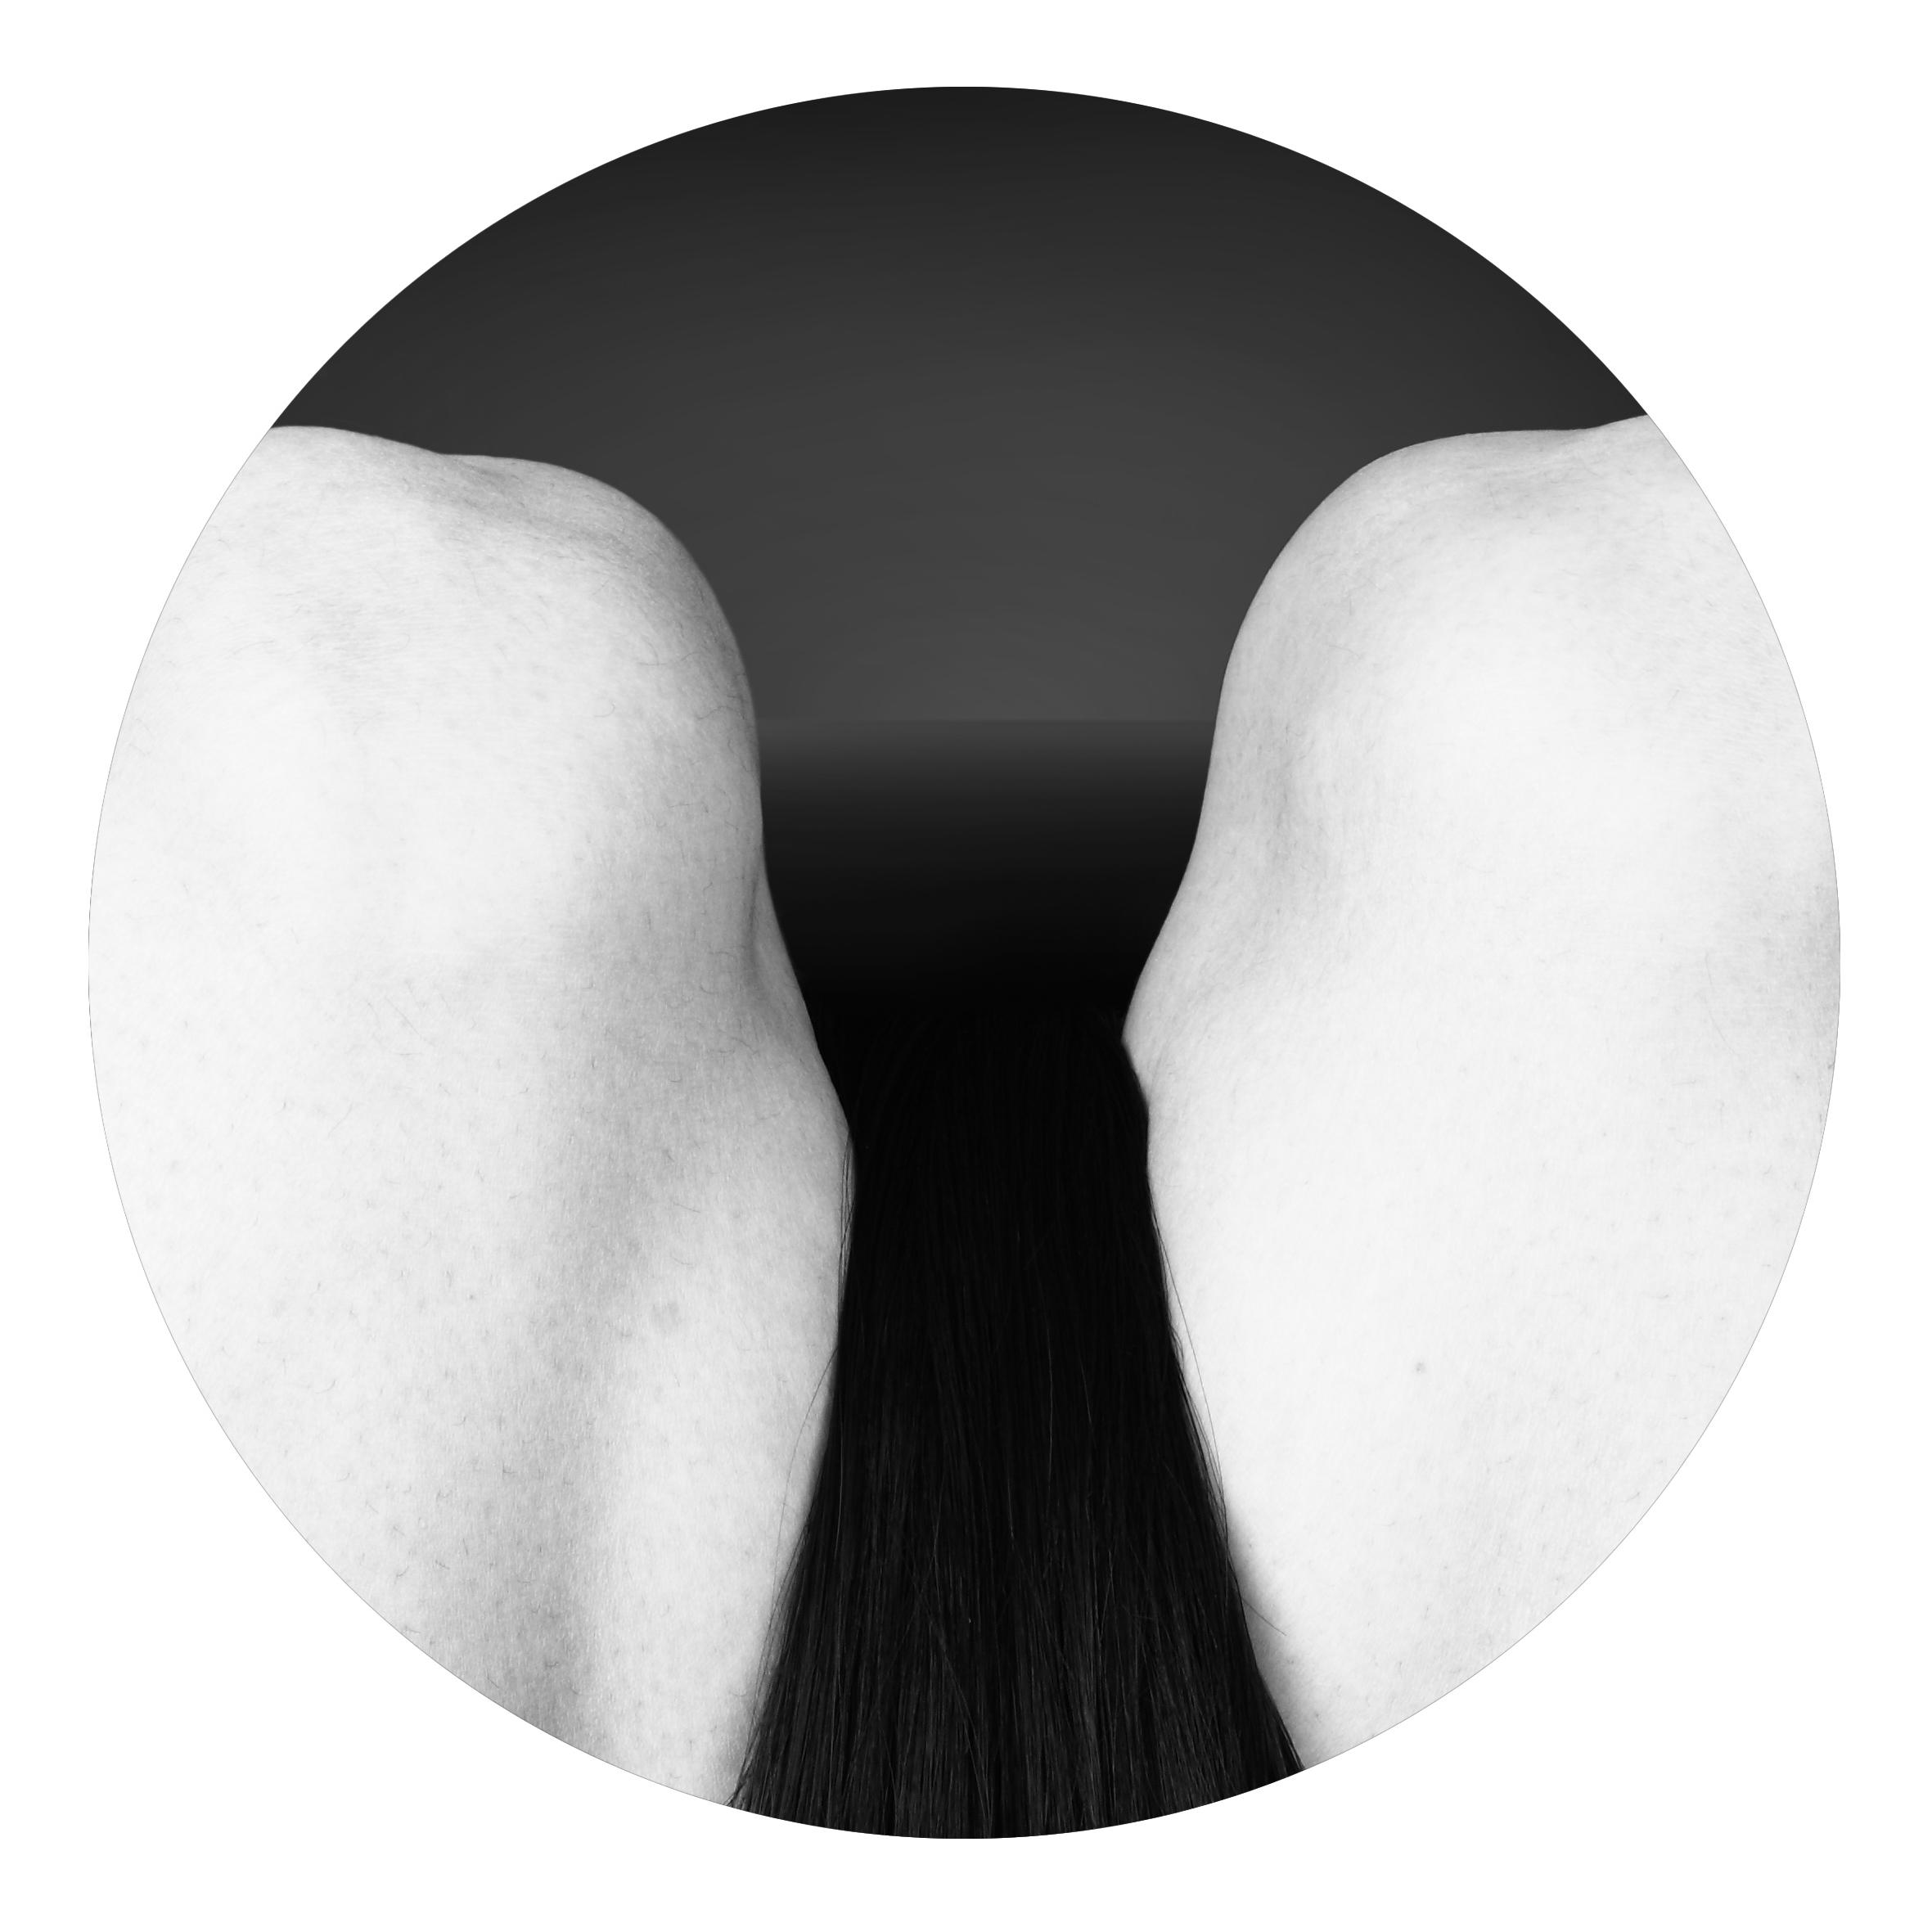 Shadows of Ink-Yongxi Wang 04.jpg